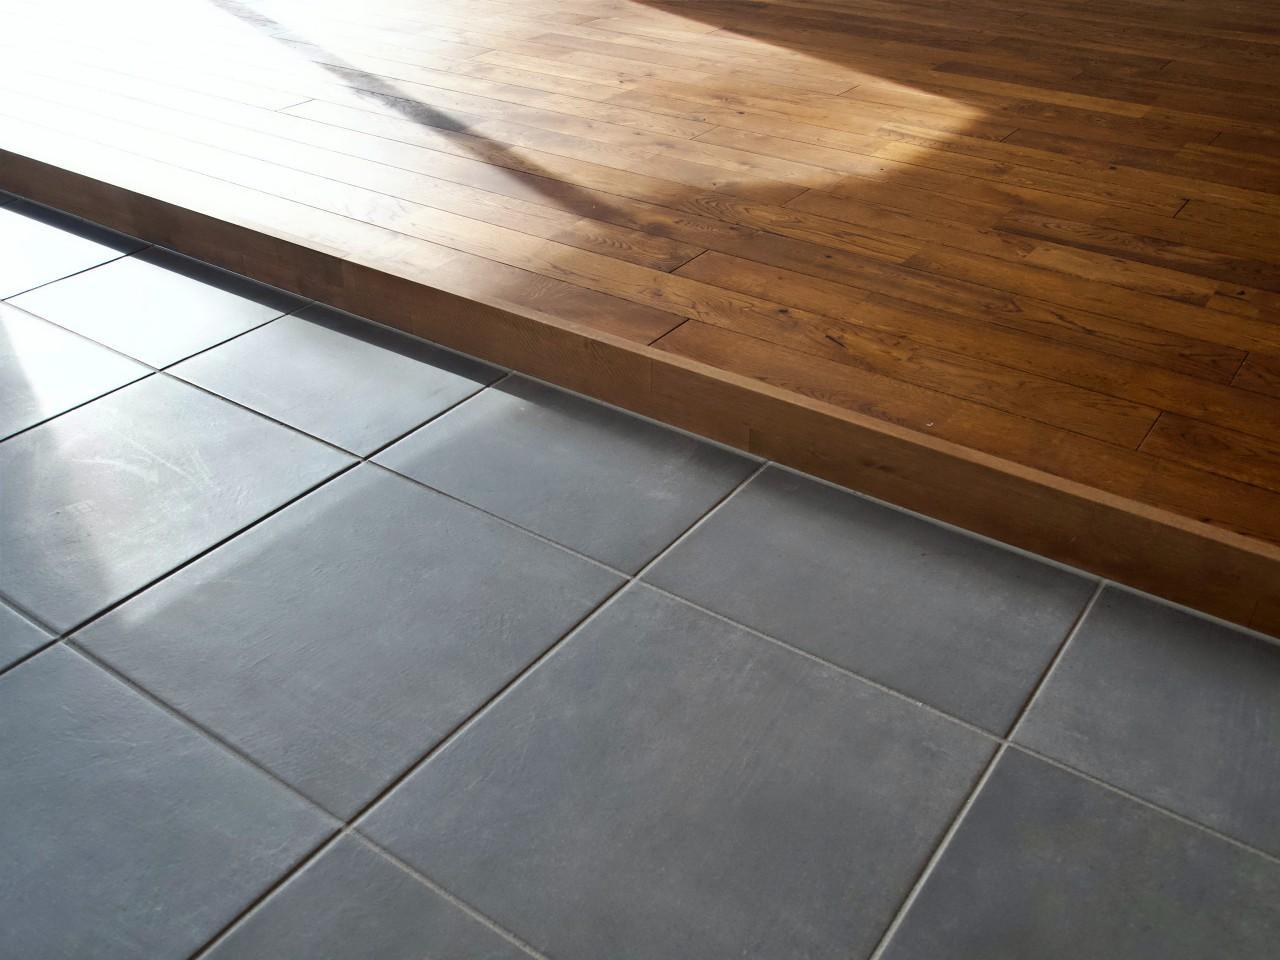 磁器タイルの床と無垢フローリングの小上がり